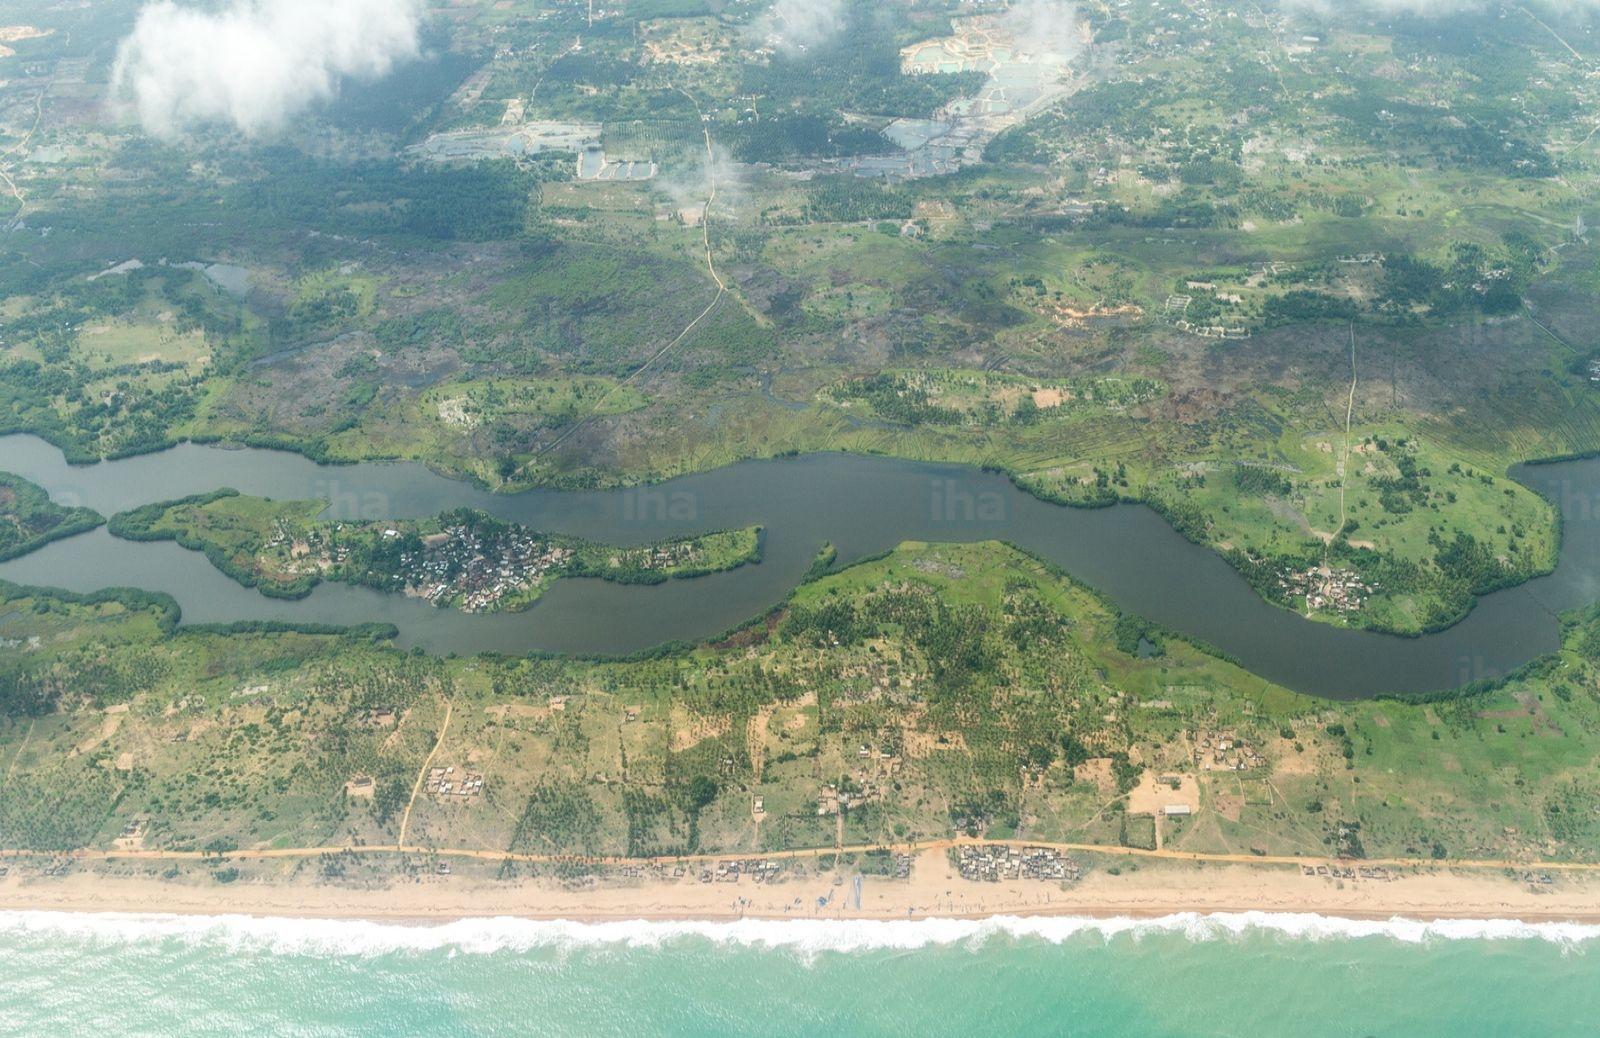 Littoral près de Cotonou, Bénin